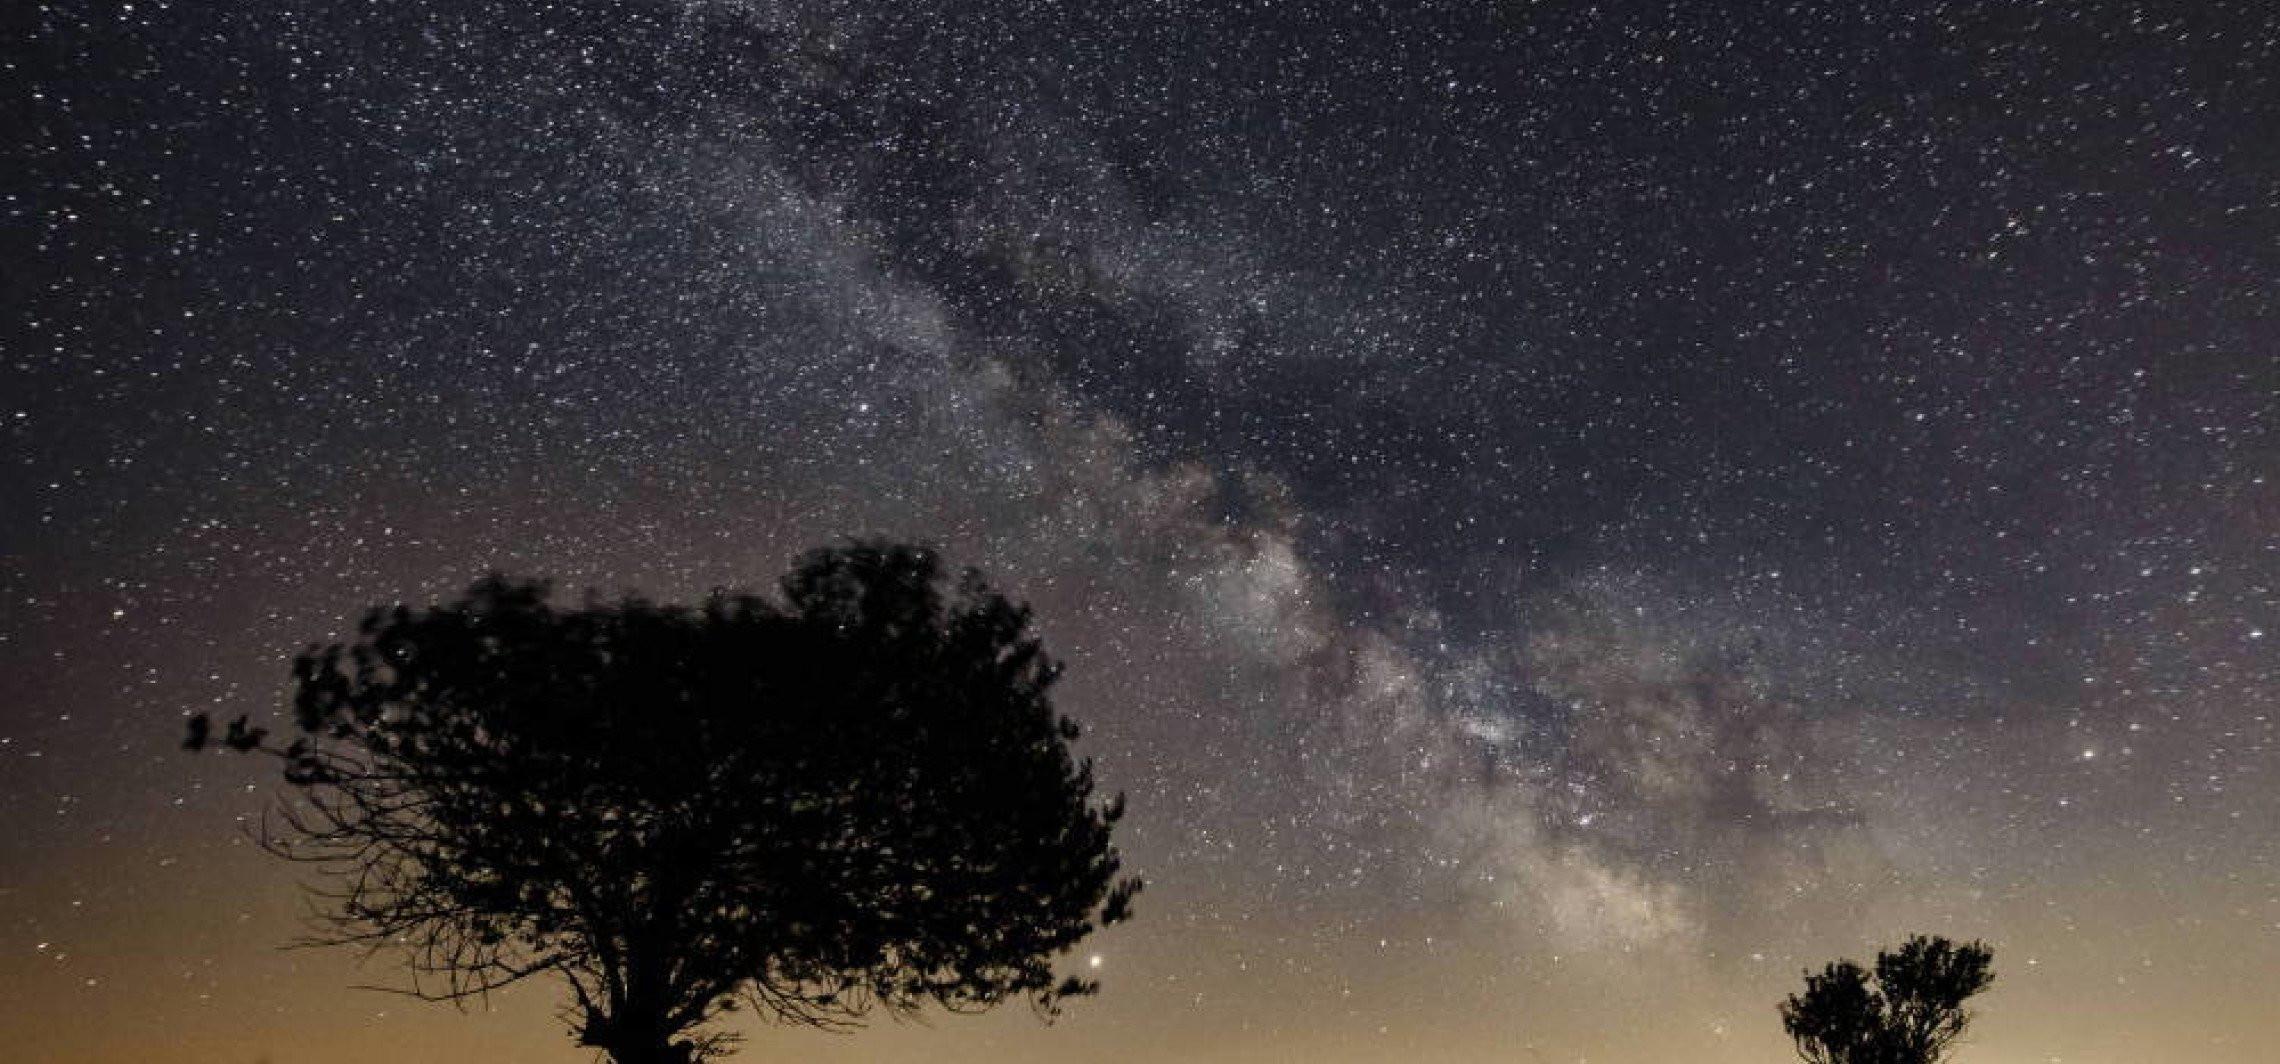 Droga Mleczna może być pełna planet podobnych do Ziemi